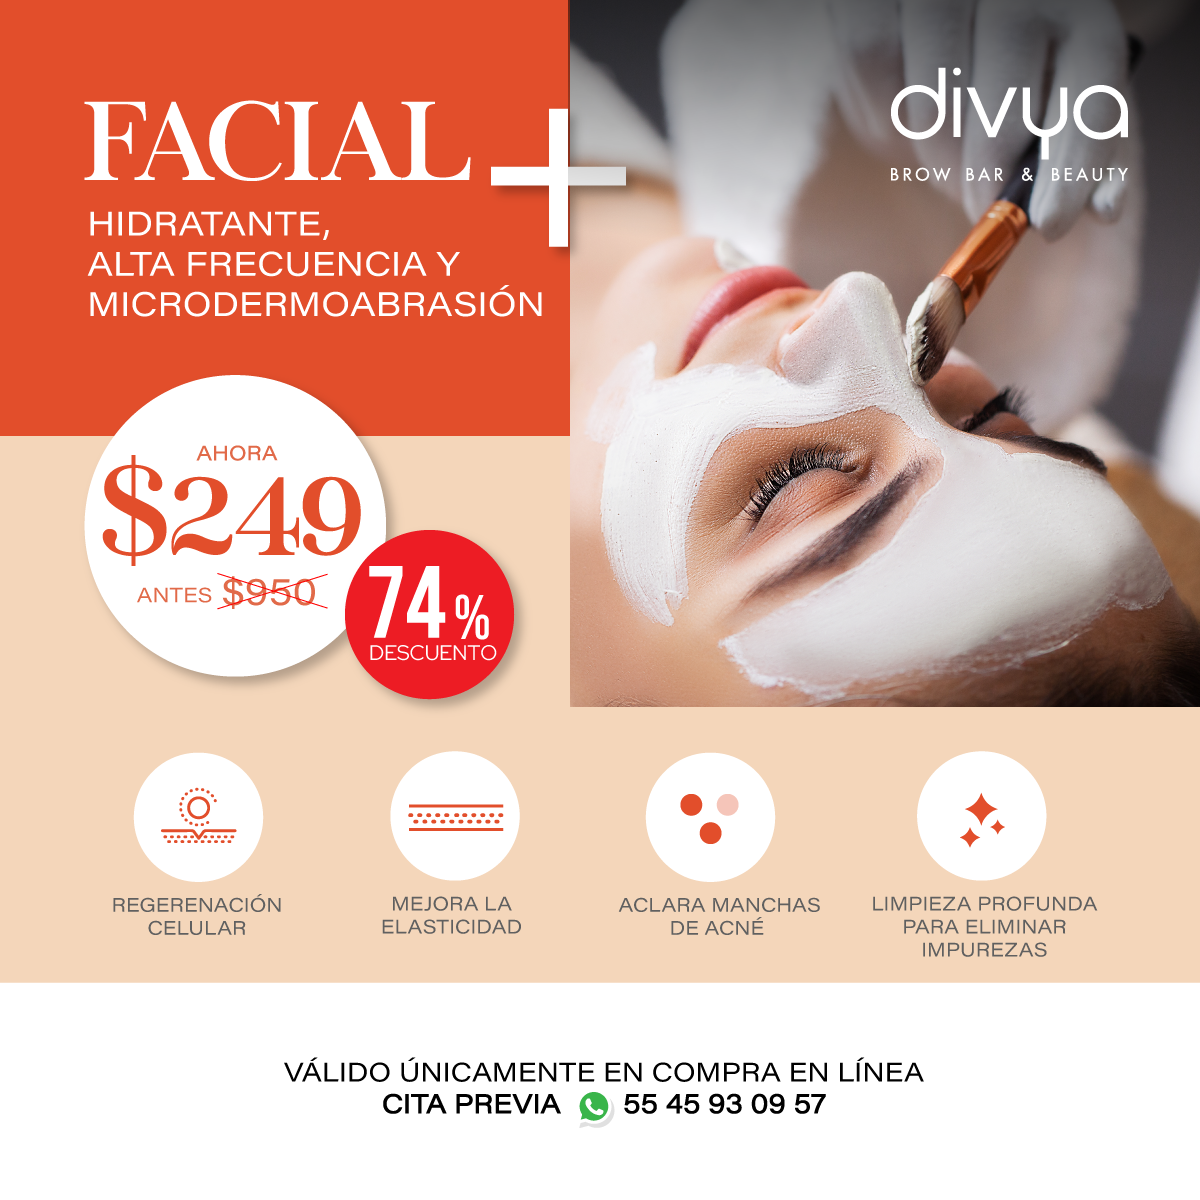 Facial + Microdermobrasión y Alta Frecuencia- SÓLO GALERÍAS PERINORTE&w=900&h=900&fit=crop